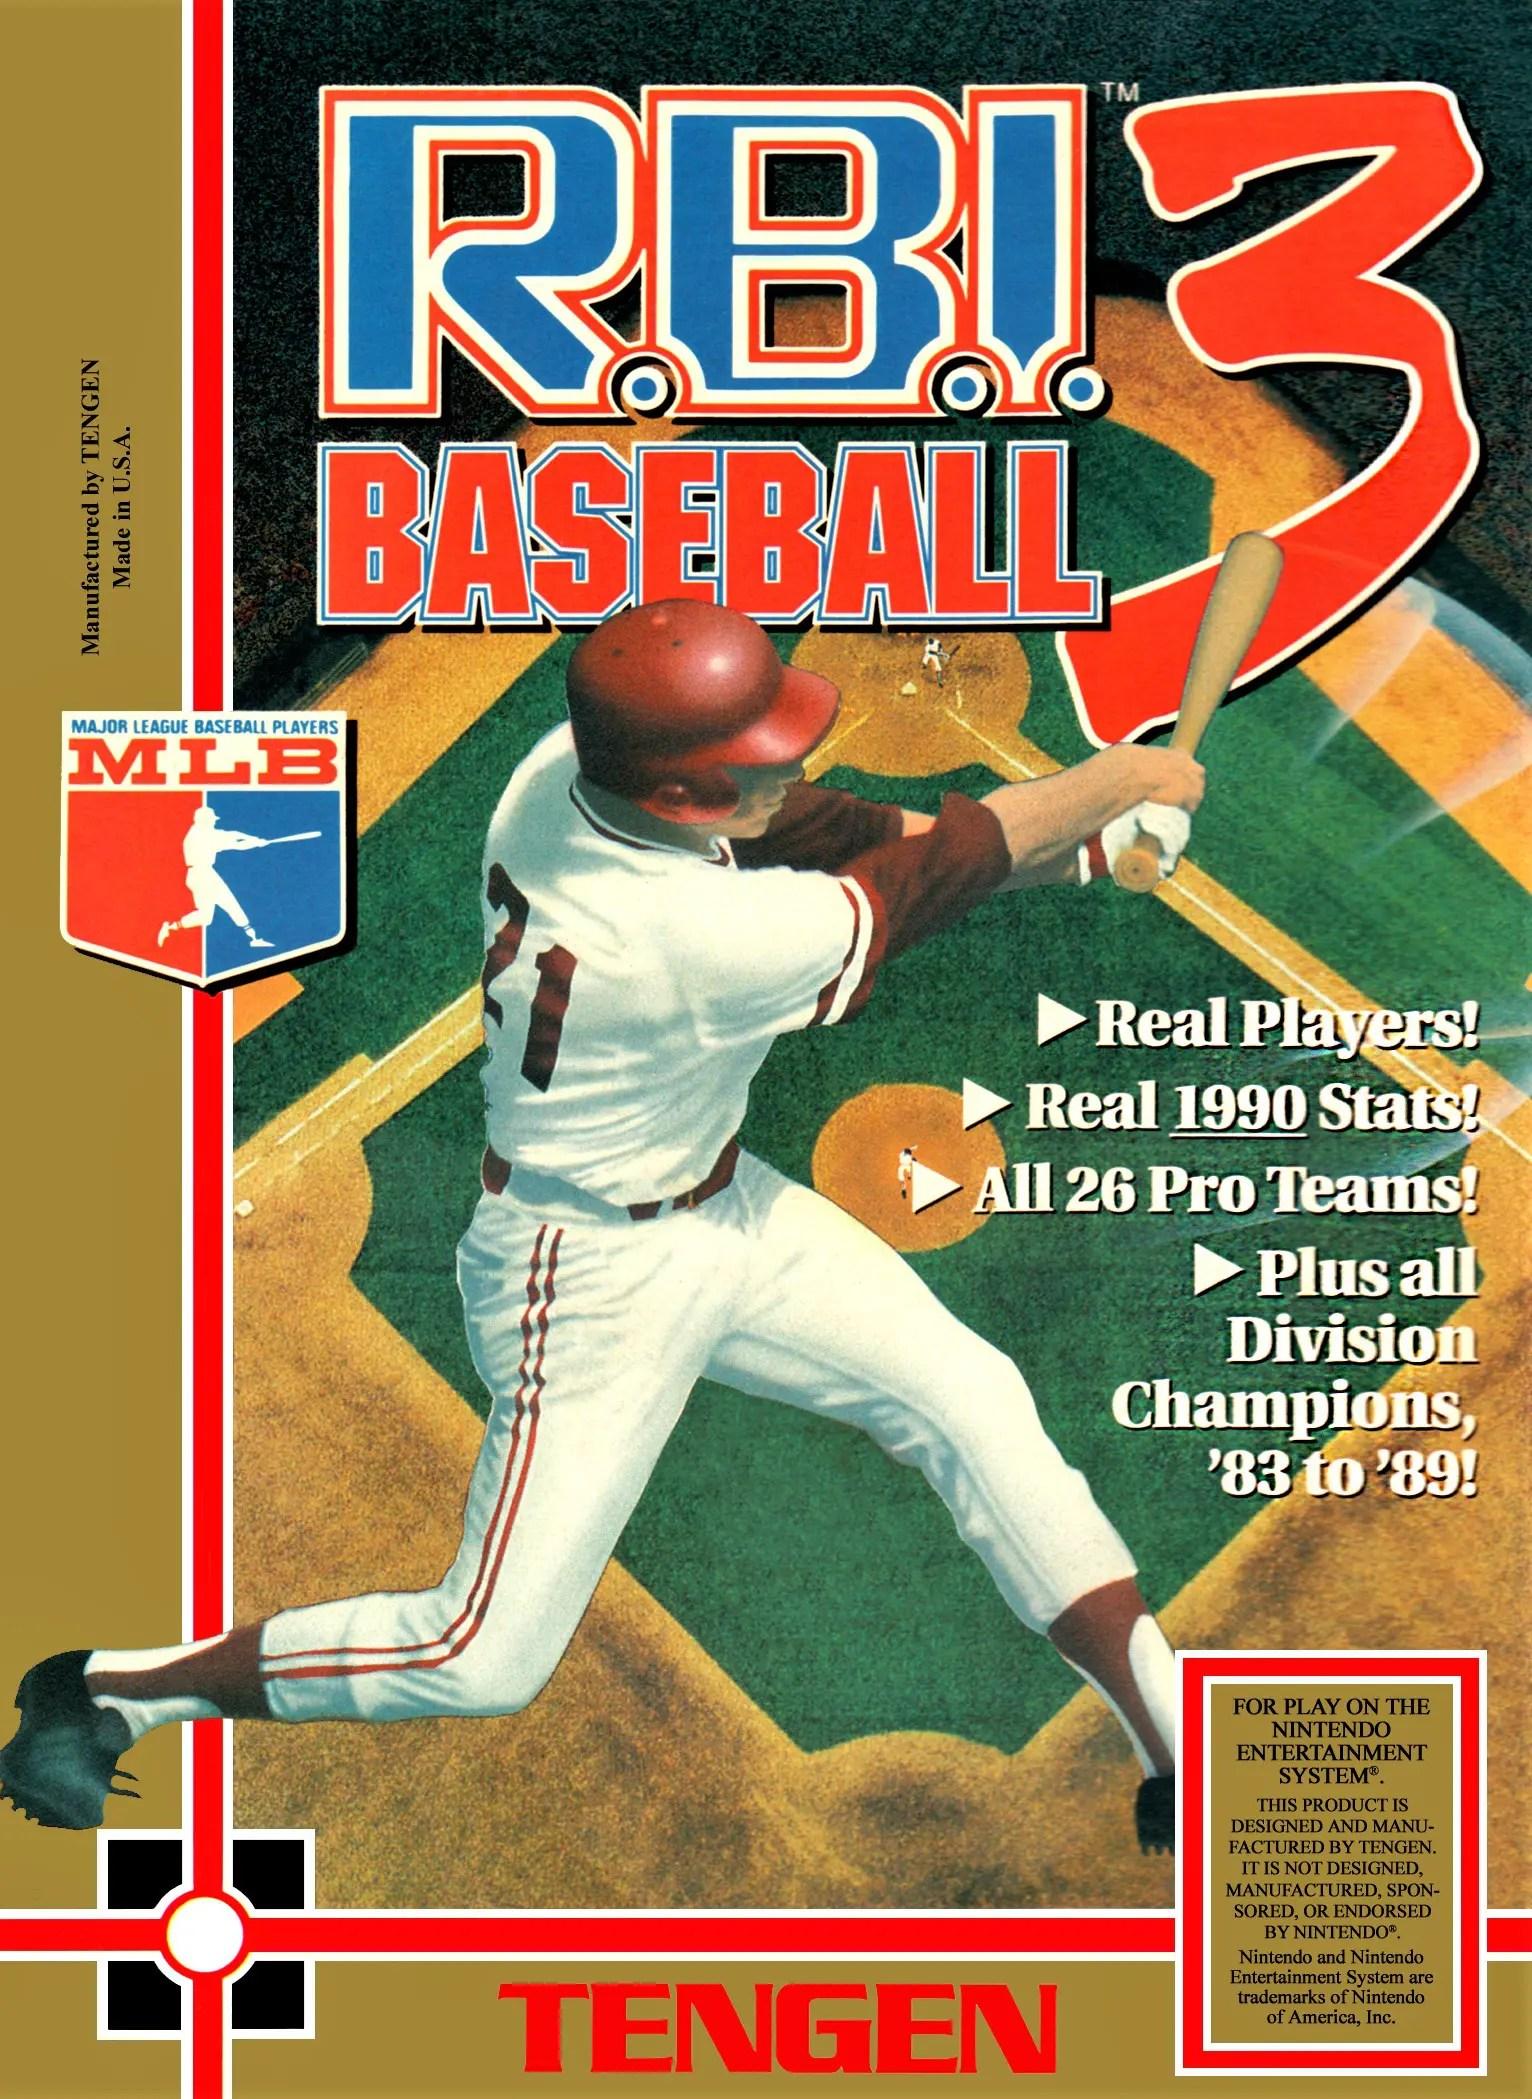 R.B.I. Baseball 3 for Nintendo Entertainment System (NES)